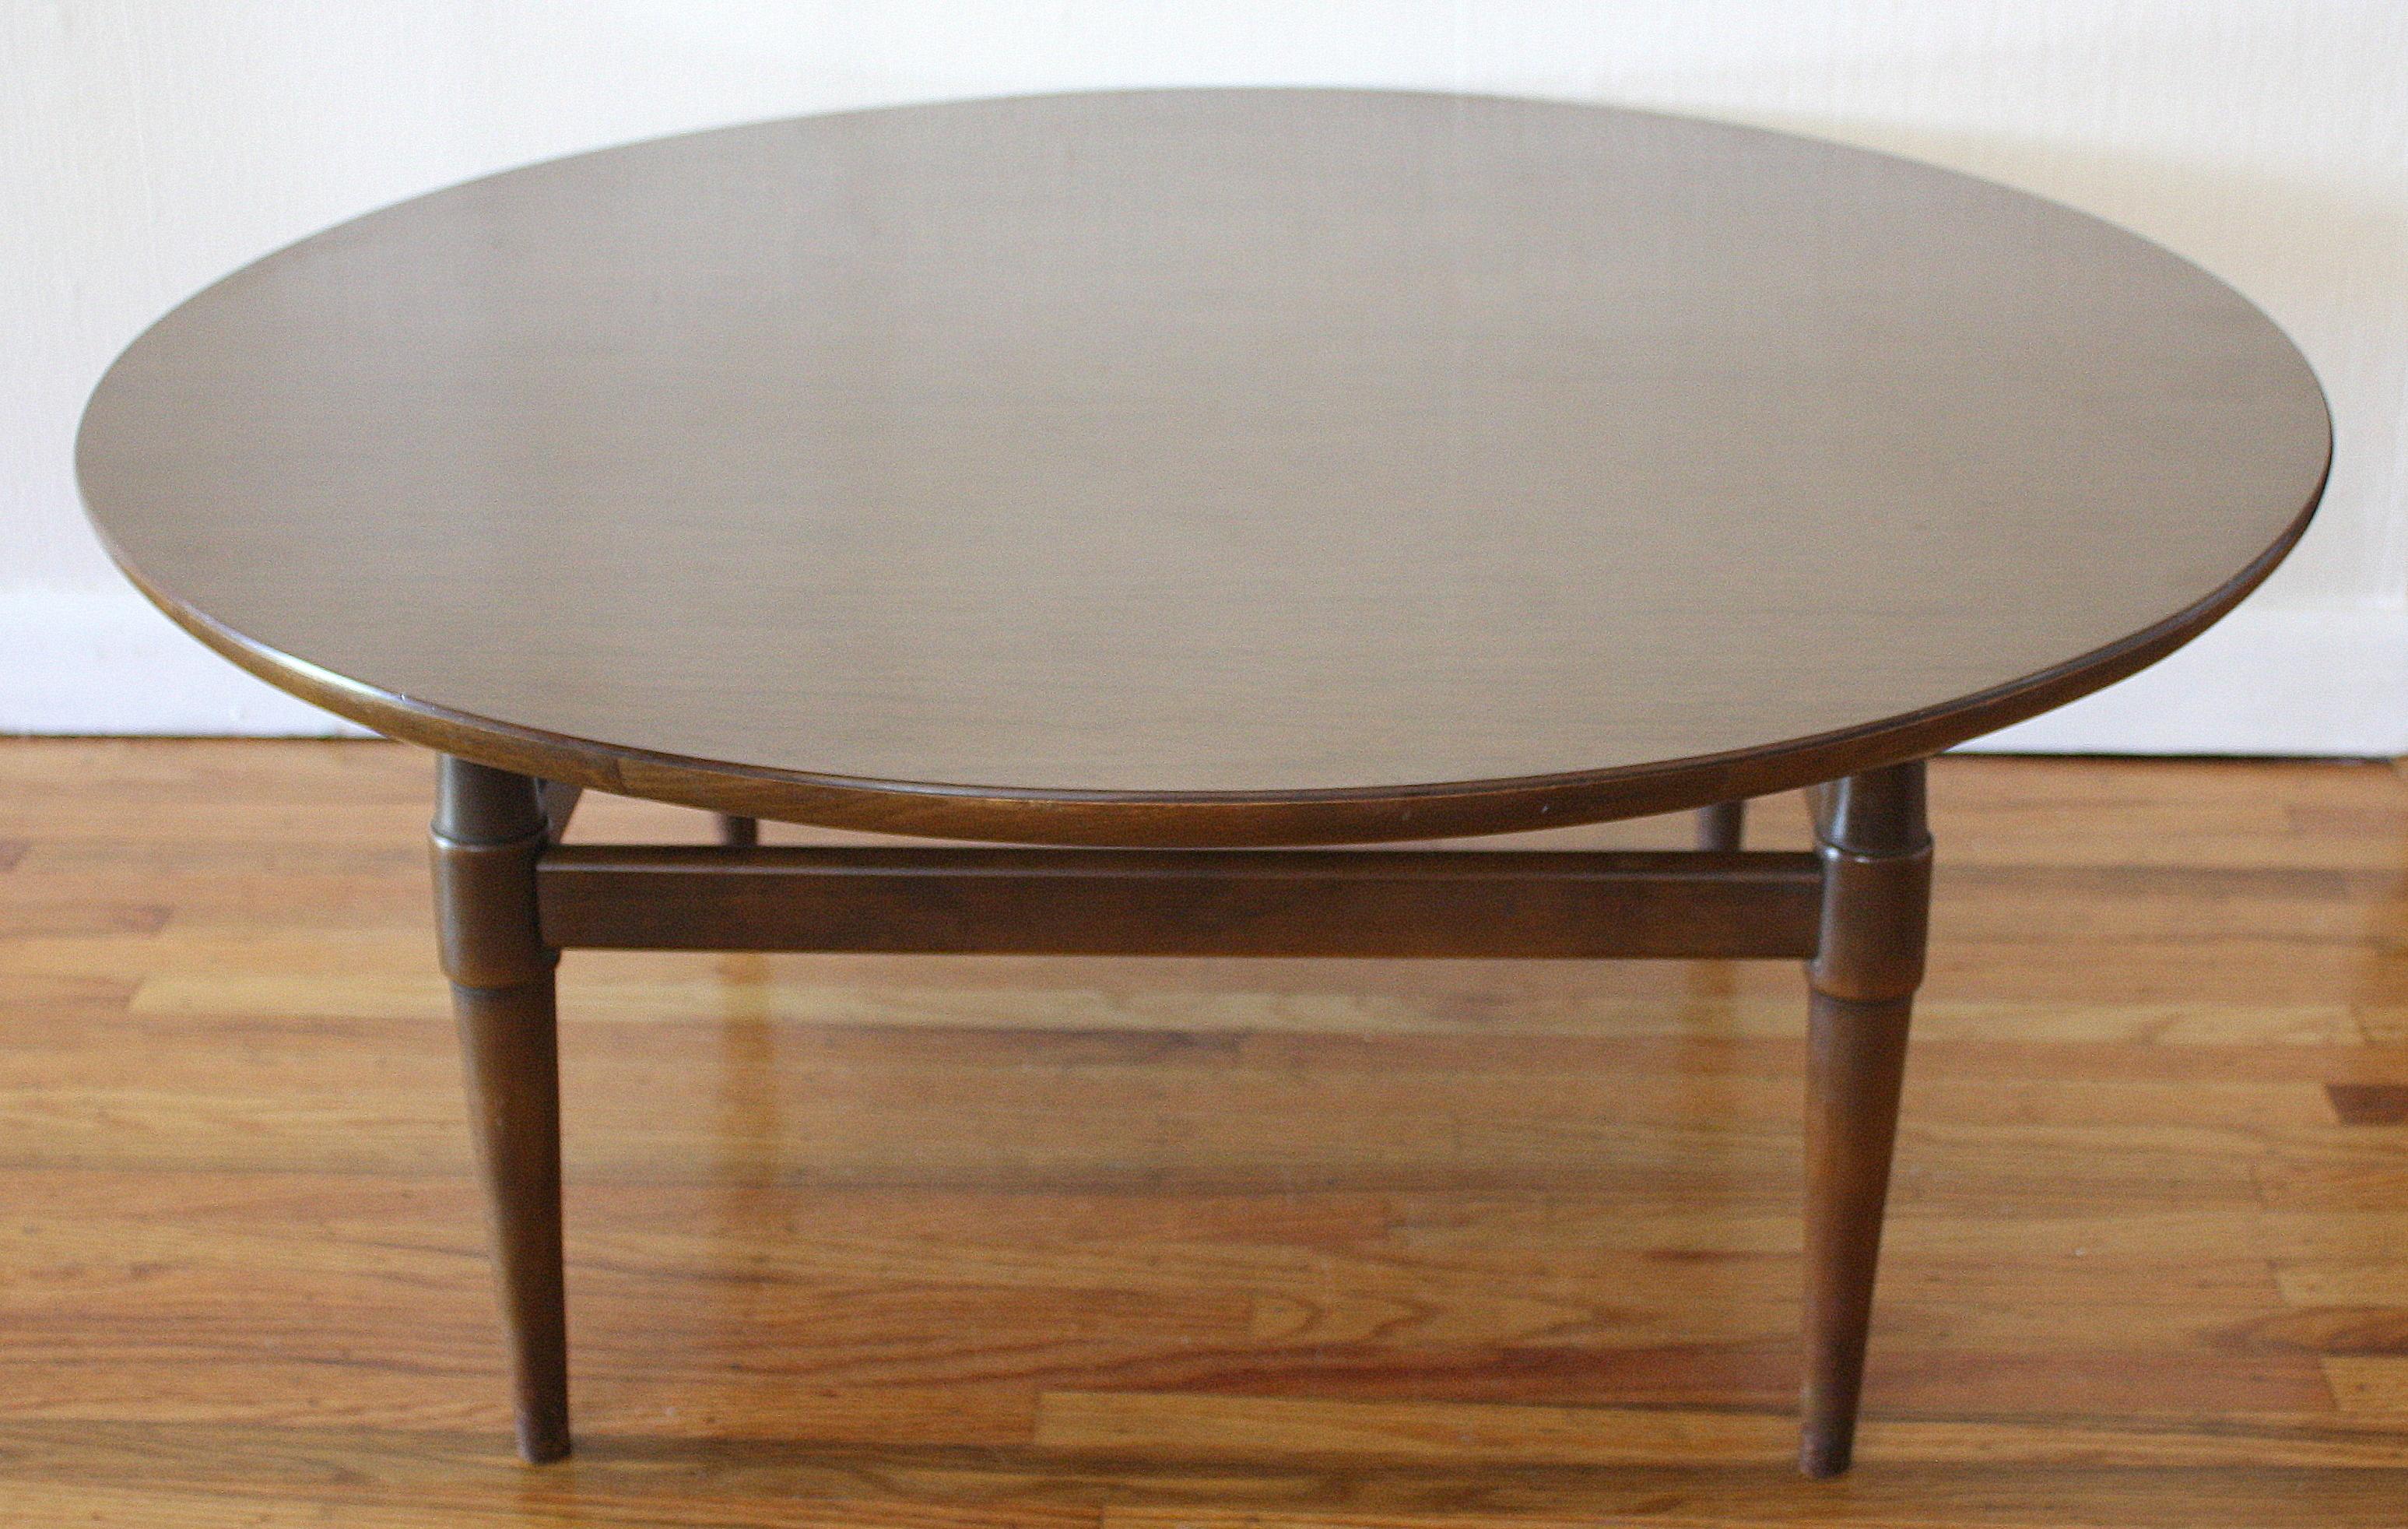 mcm round coffee table 3 Picked Vintage : mcm round coffee table 31 from pickedvintage.com size 3094 x 1964 jpeg 4279kB